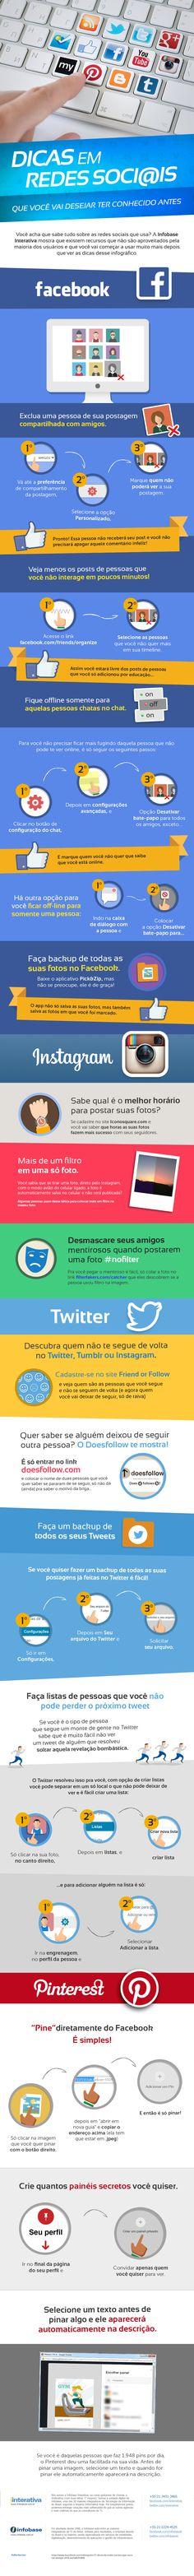 Você conhece bem as principais ferramentas presentes nas redes sociais?